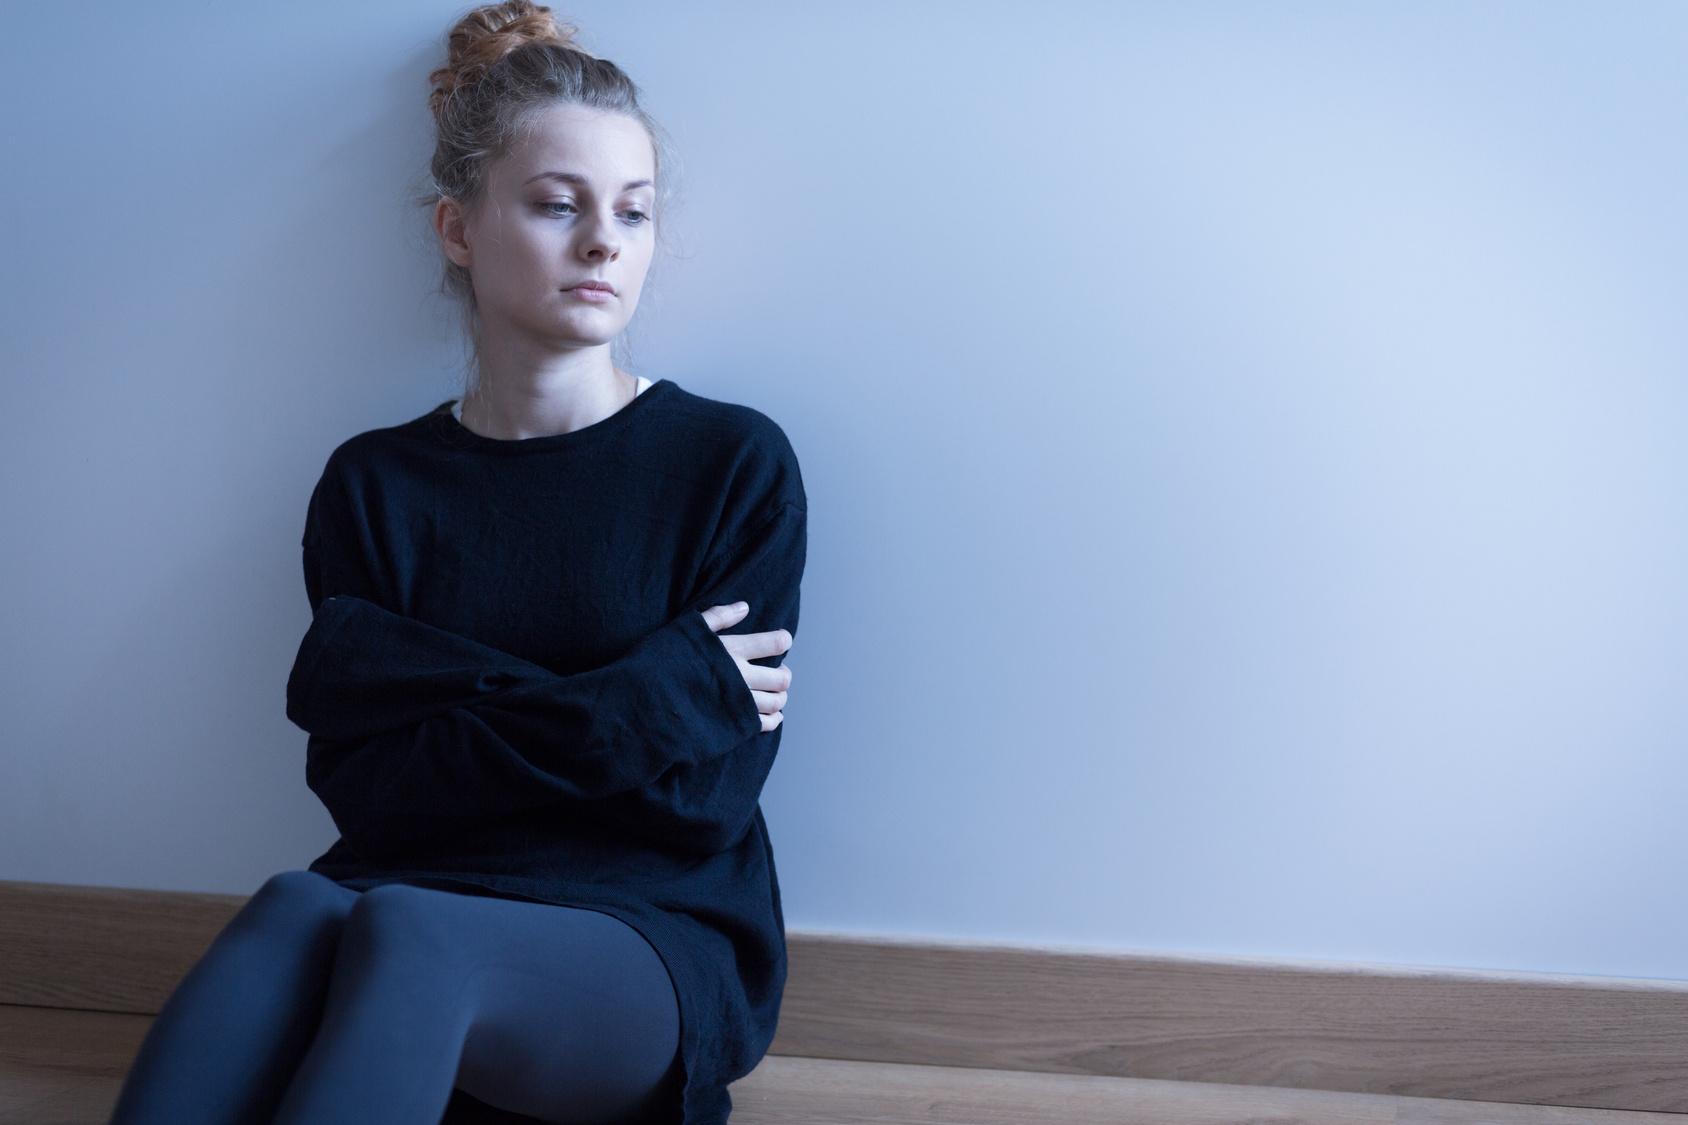 Trauriges Mädchen am Boden sitzend